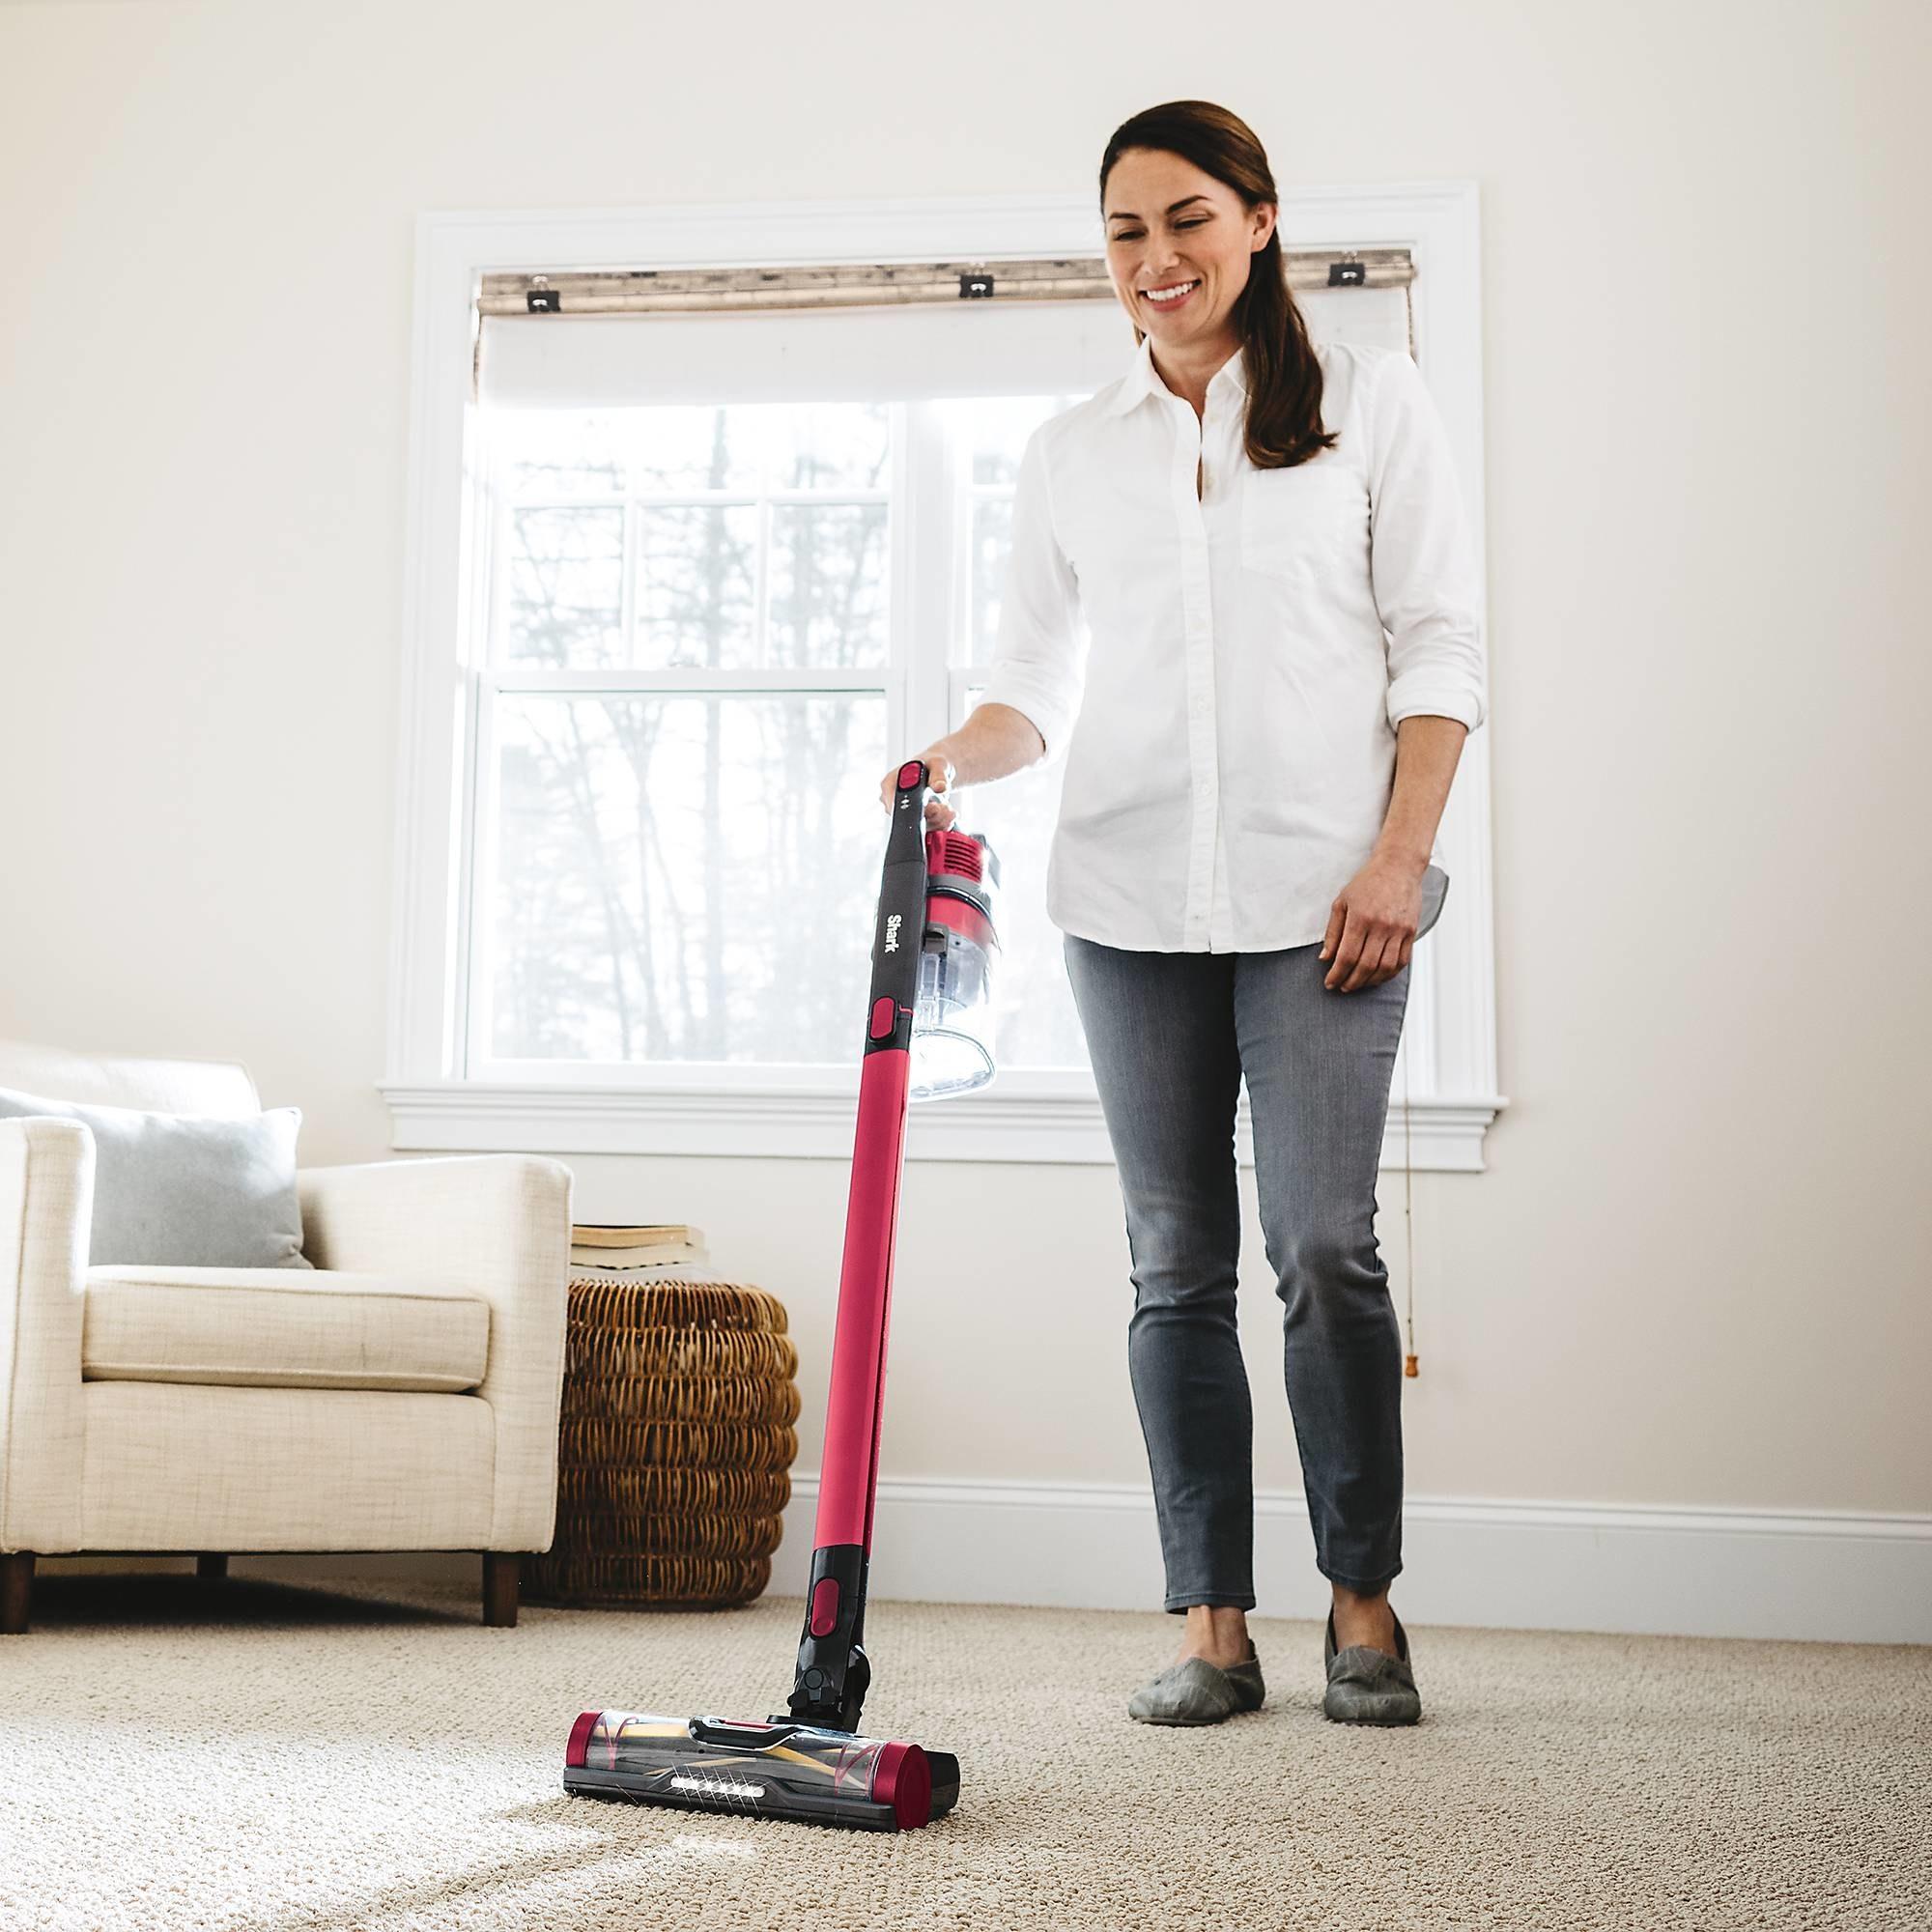 person using the vacuum